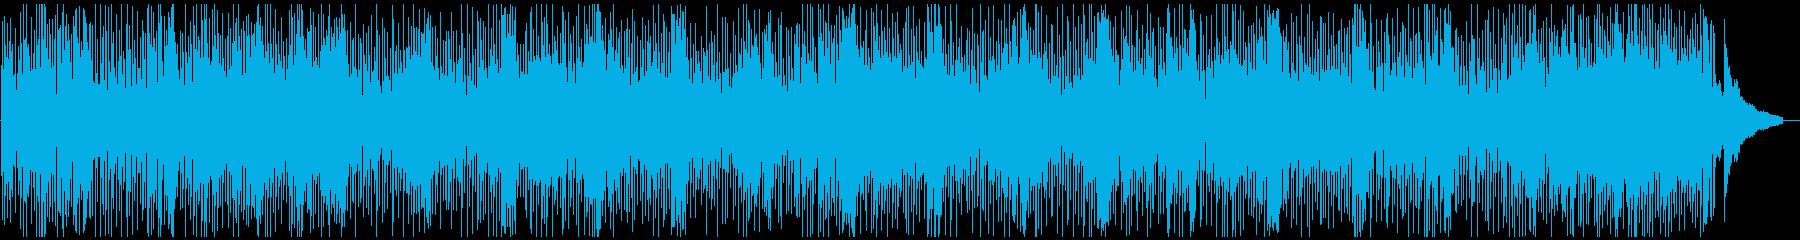 爽やかなモータウンサウンドの再生済みの波形